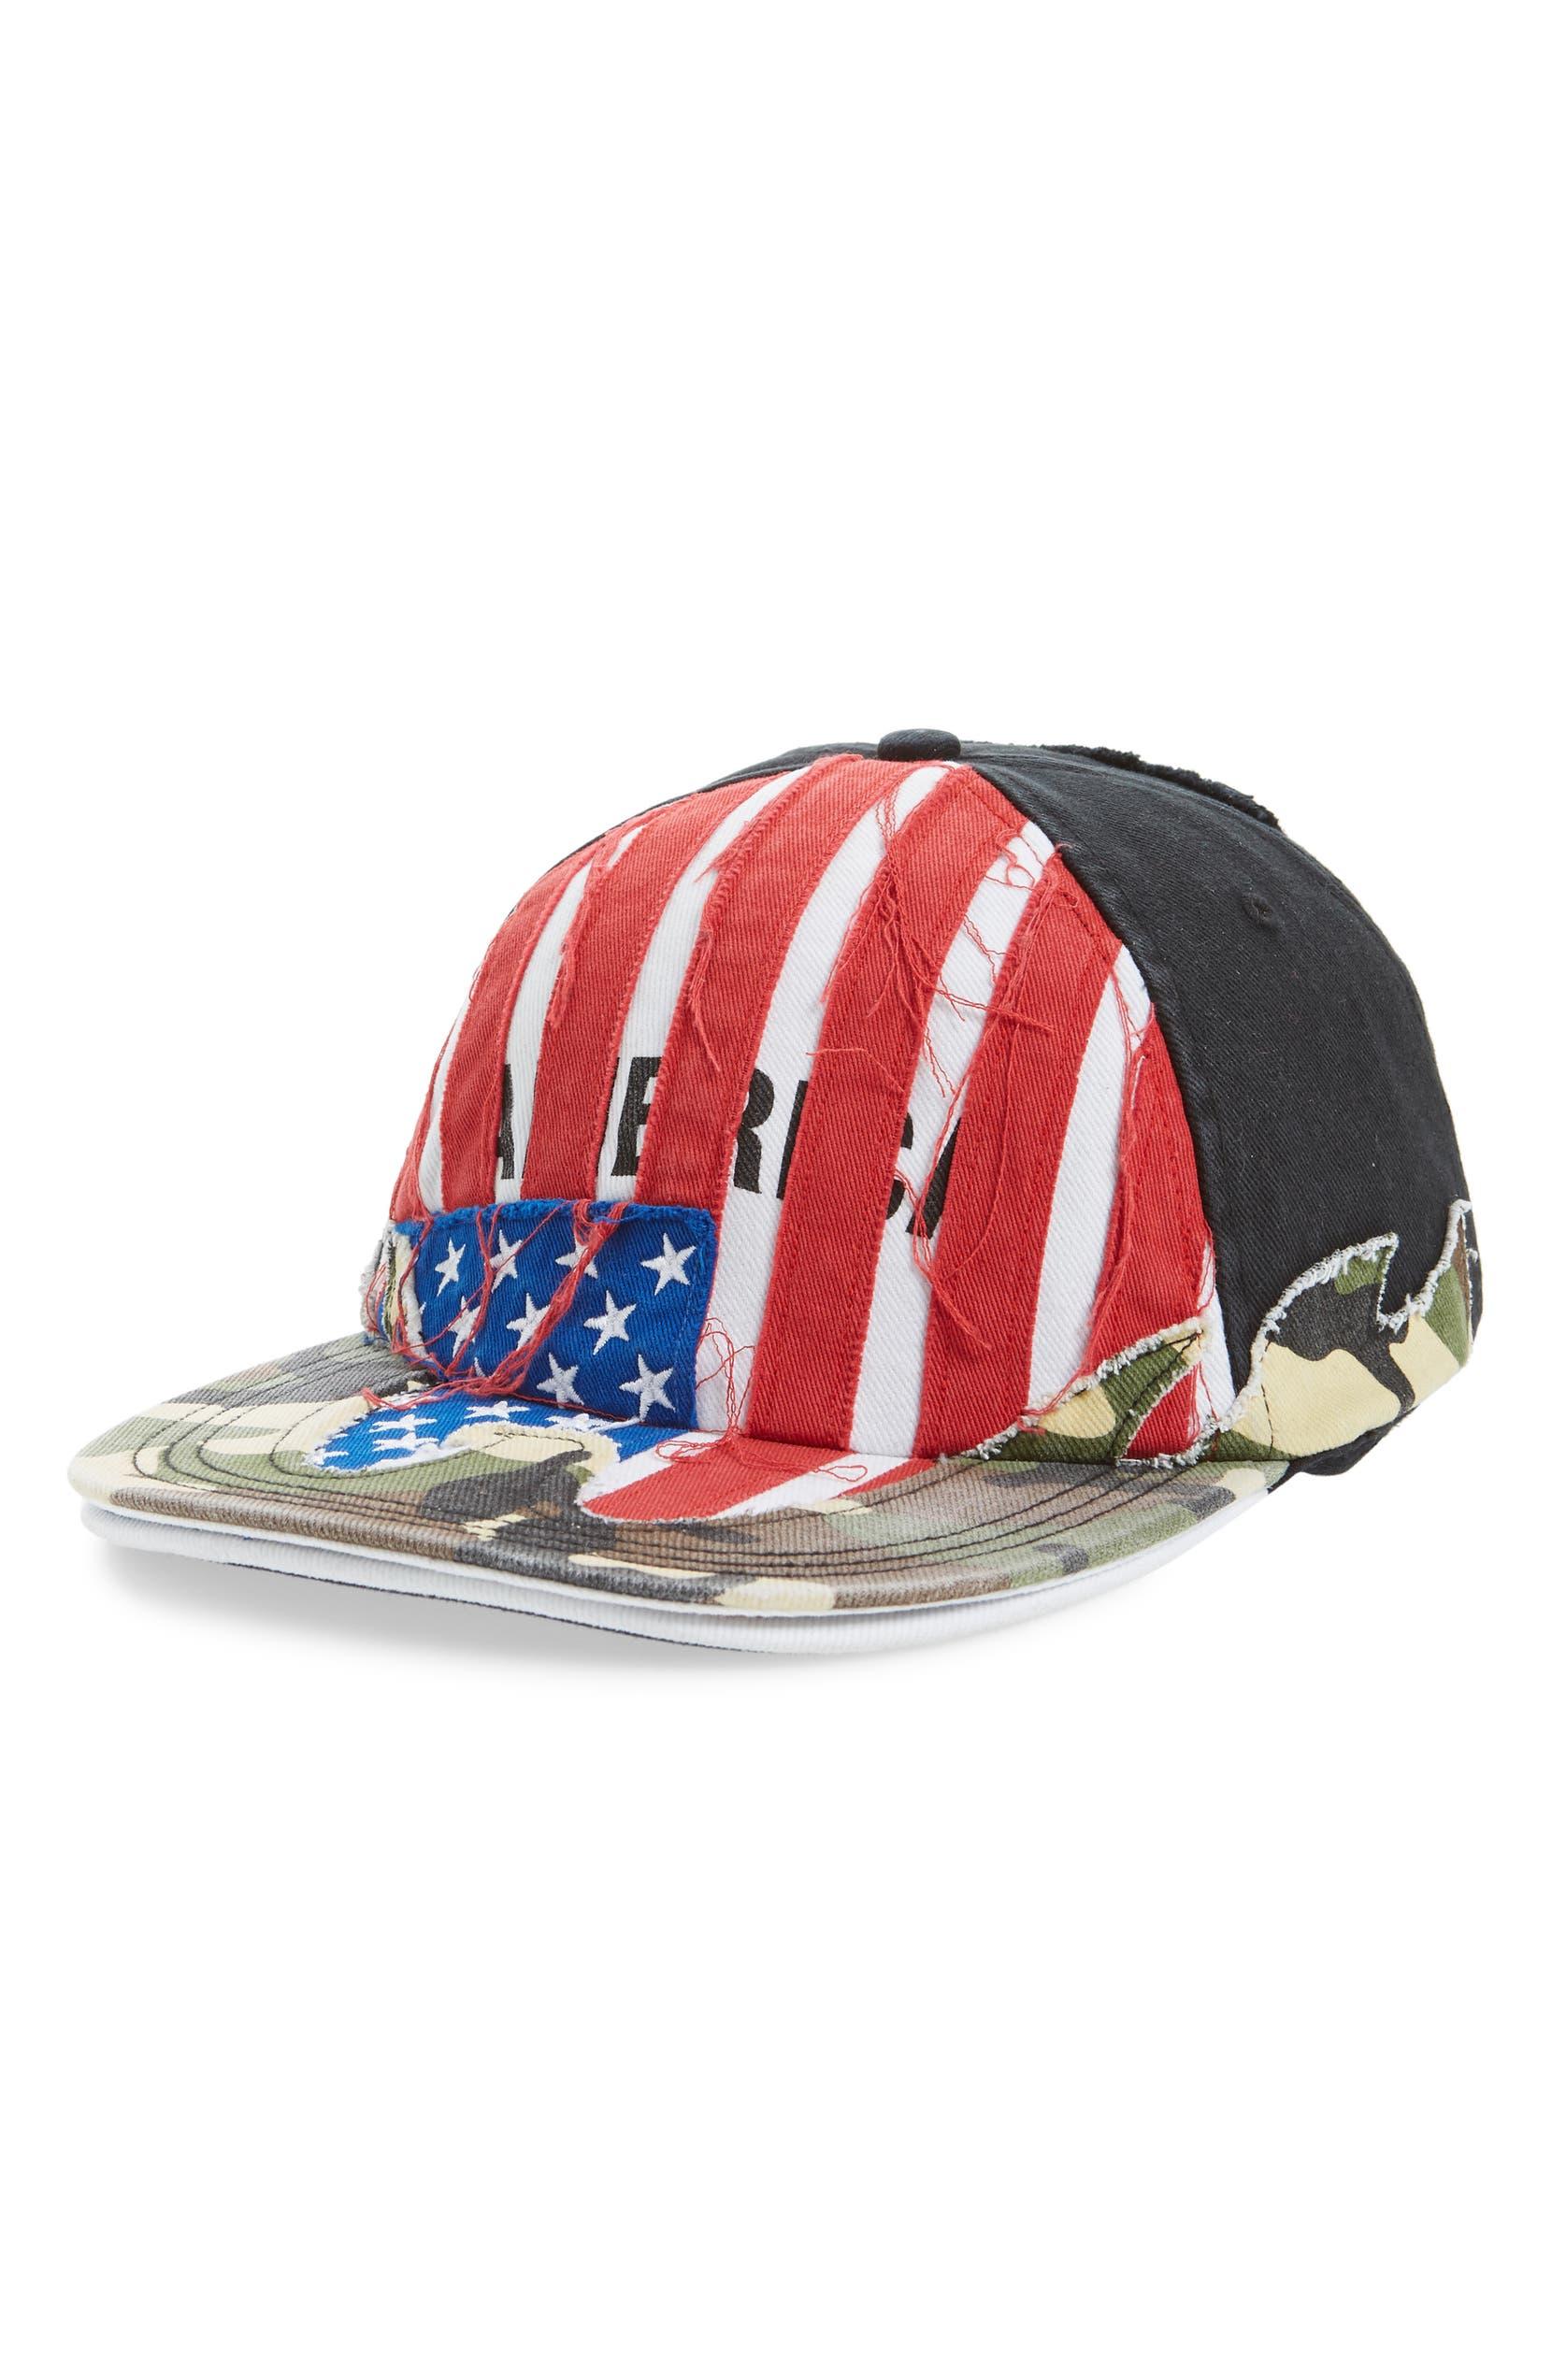 Vetements Cut Up America Baseball Cap  097b8ba16f